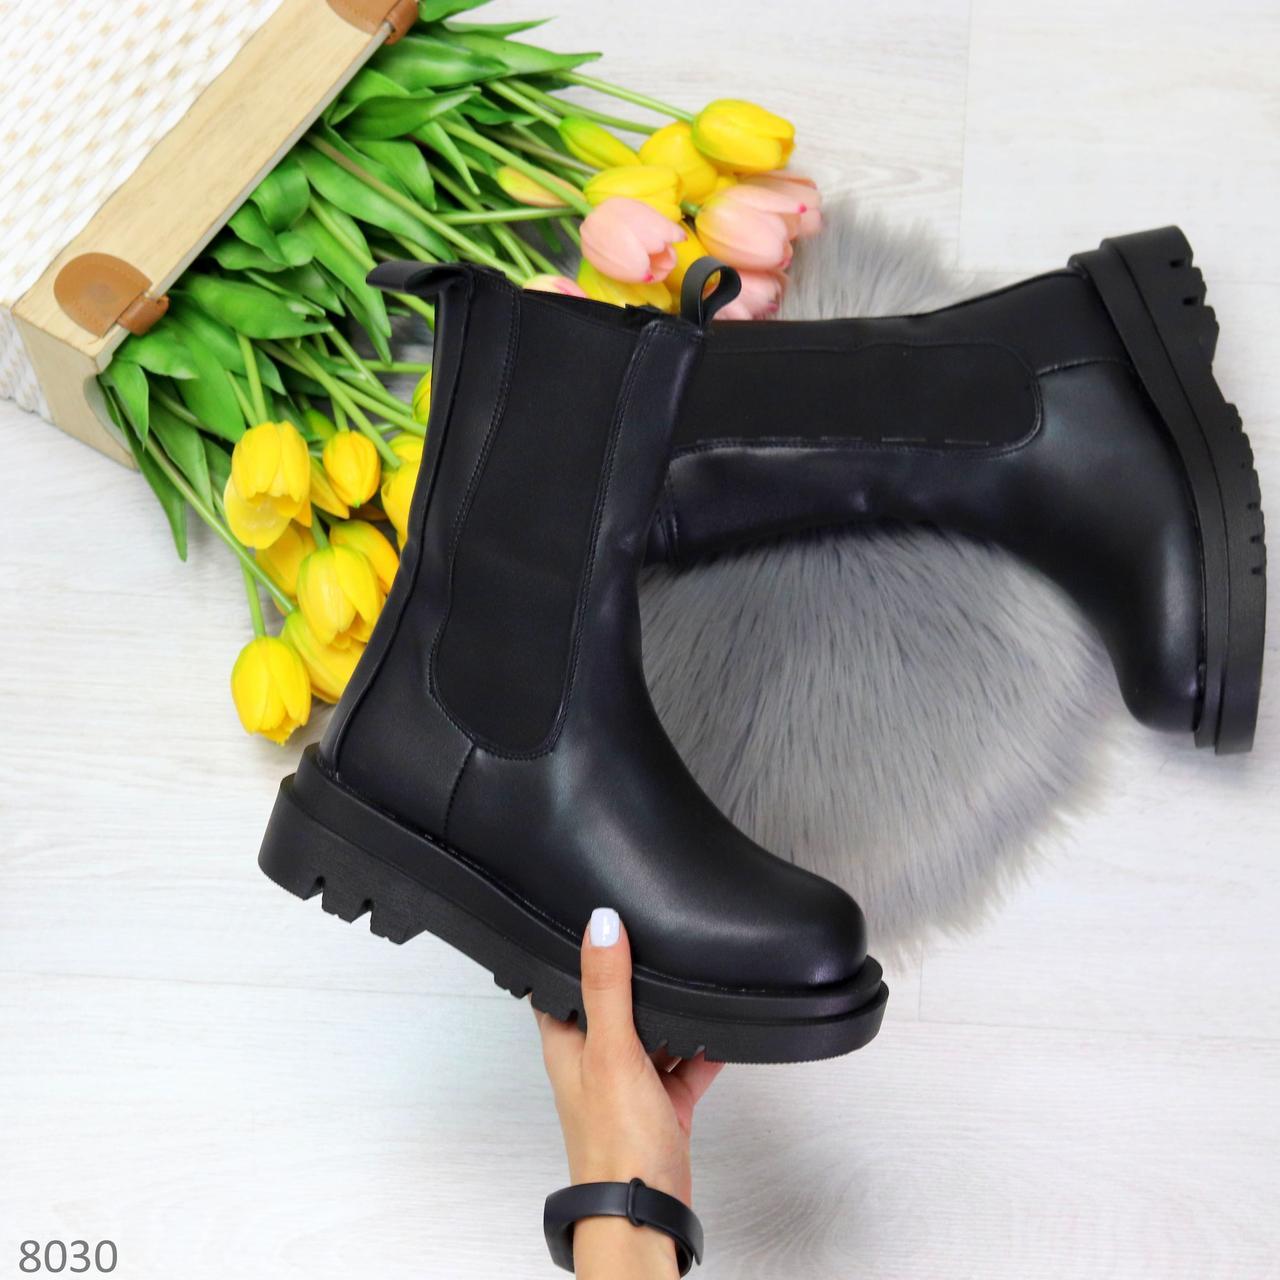 Крутые высокие черные зимние женские ботинки с эластичными вставками